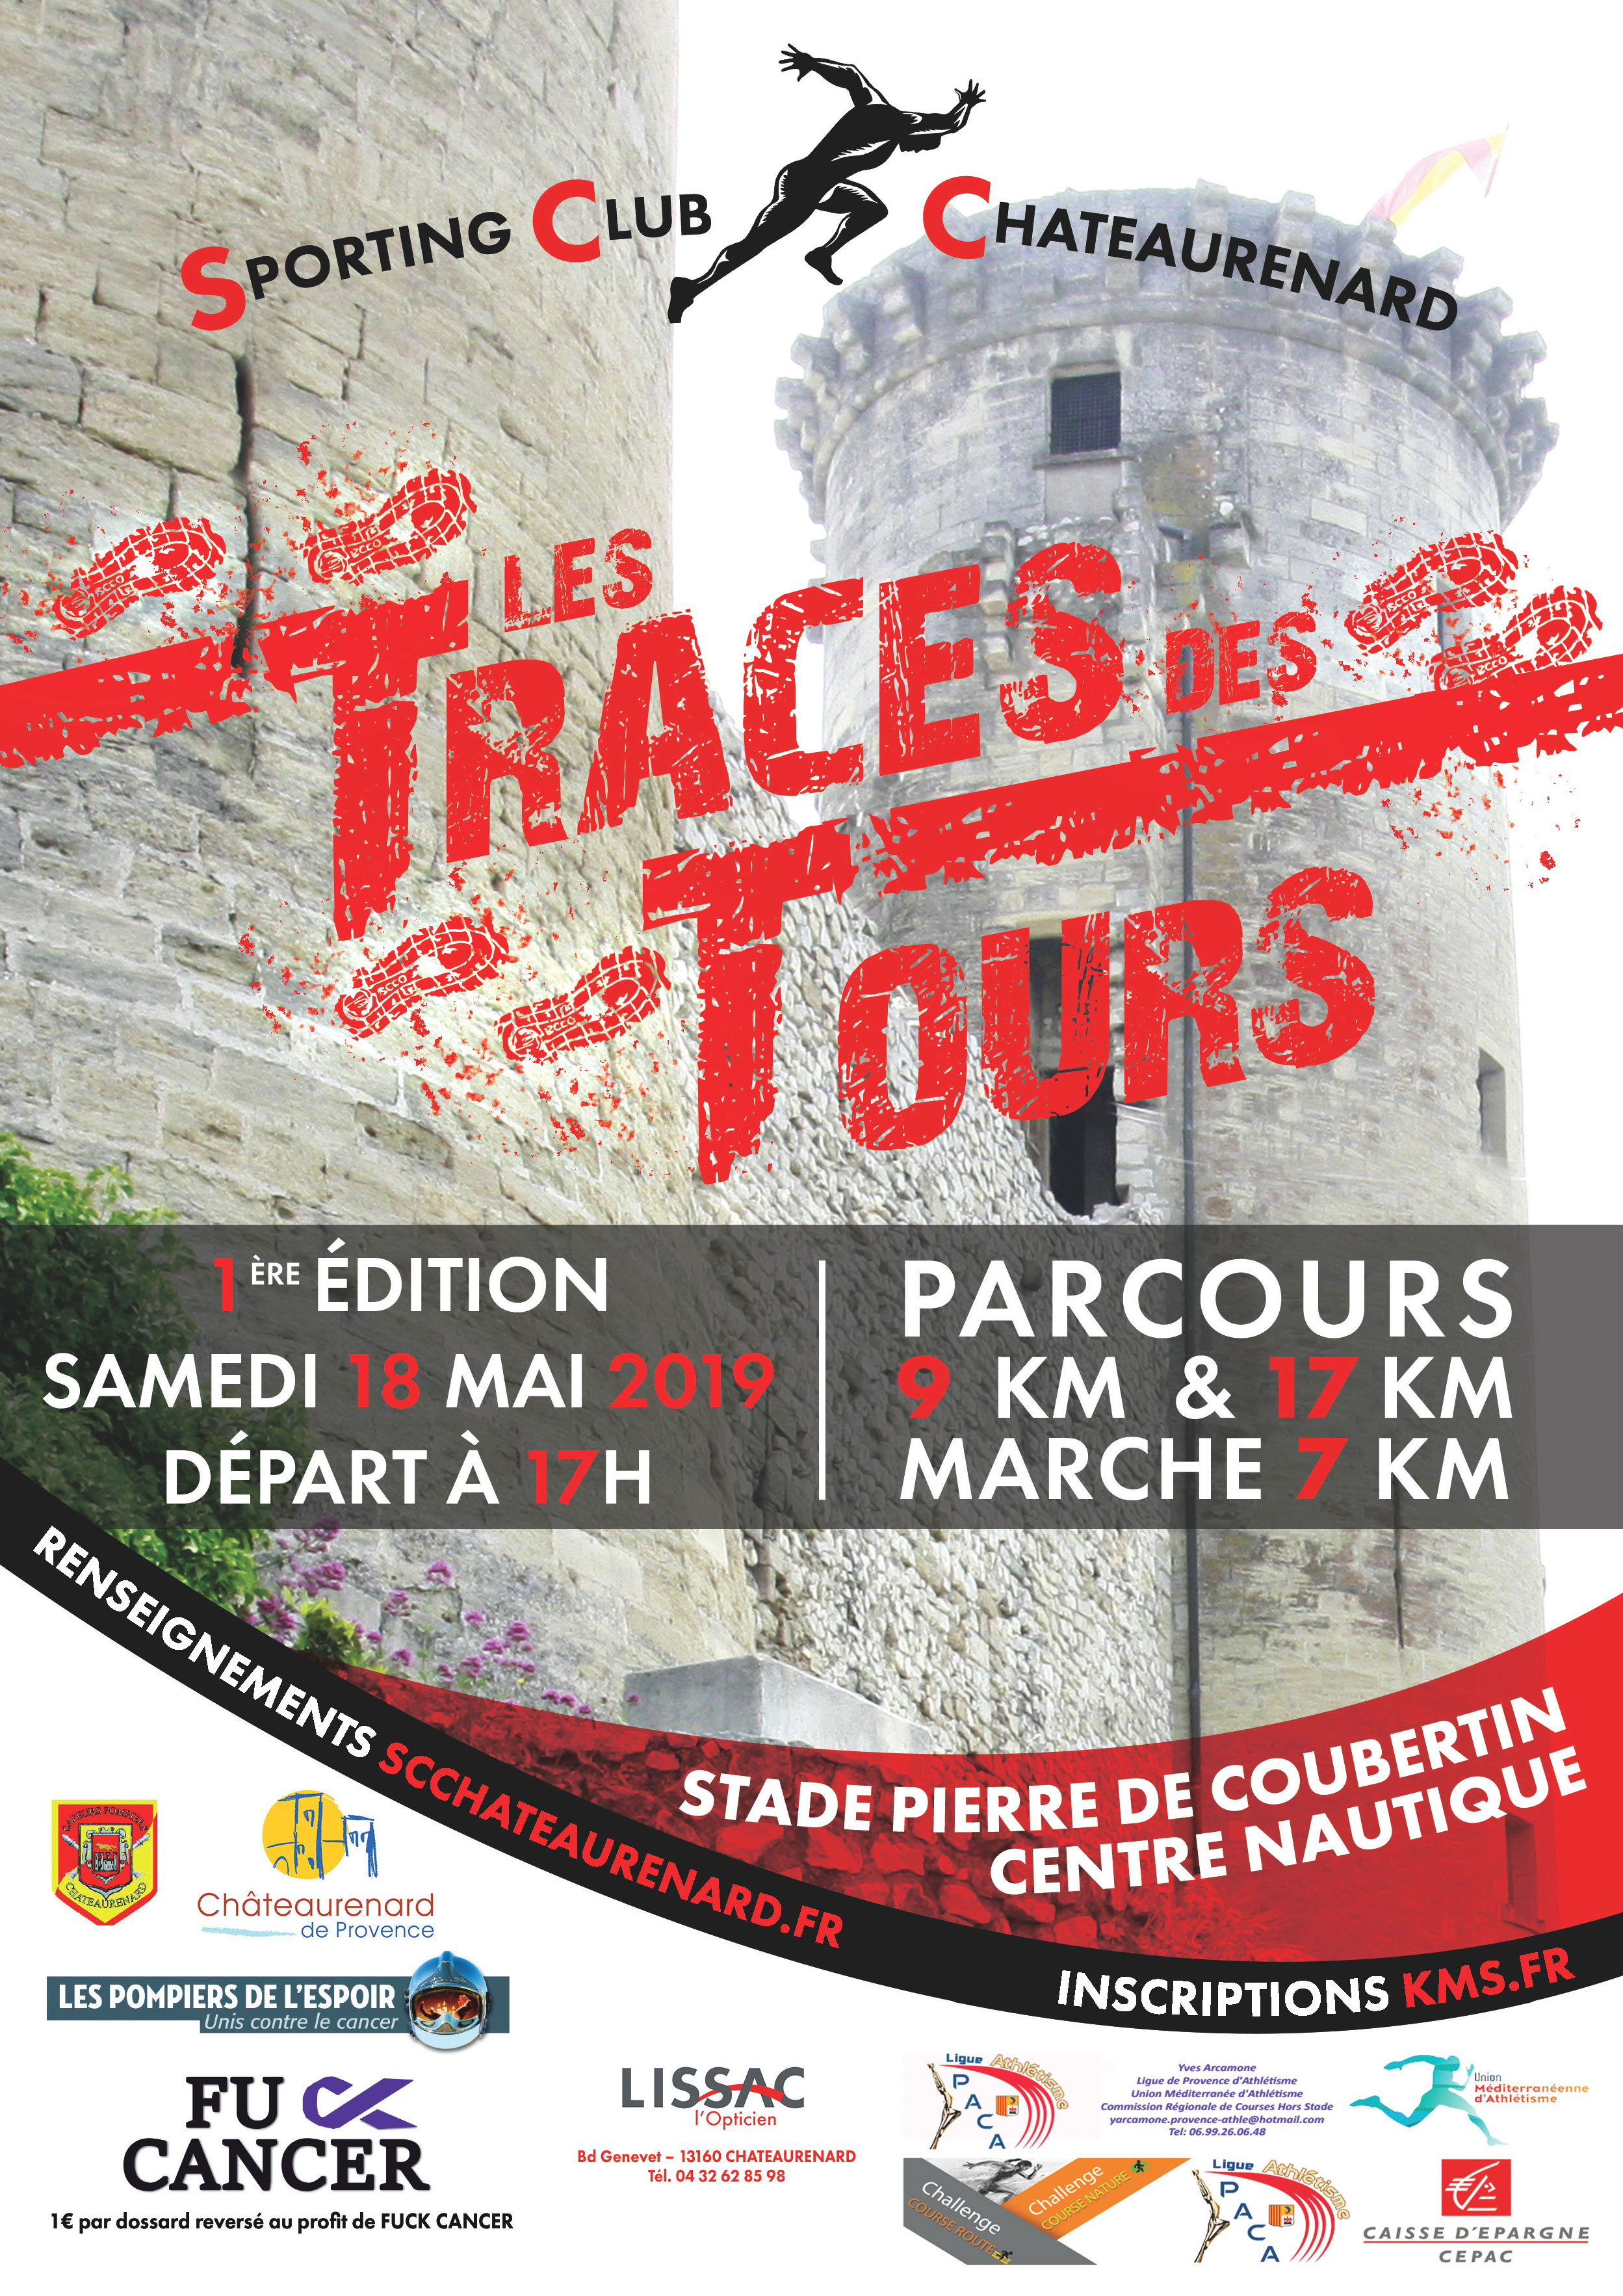 MARCHE 7KM - LES TRACES DES TOURS